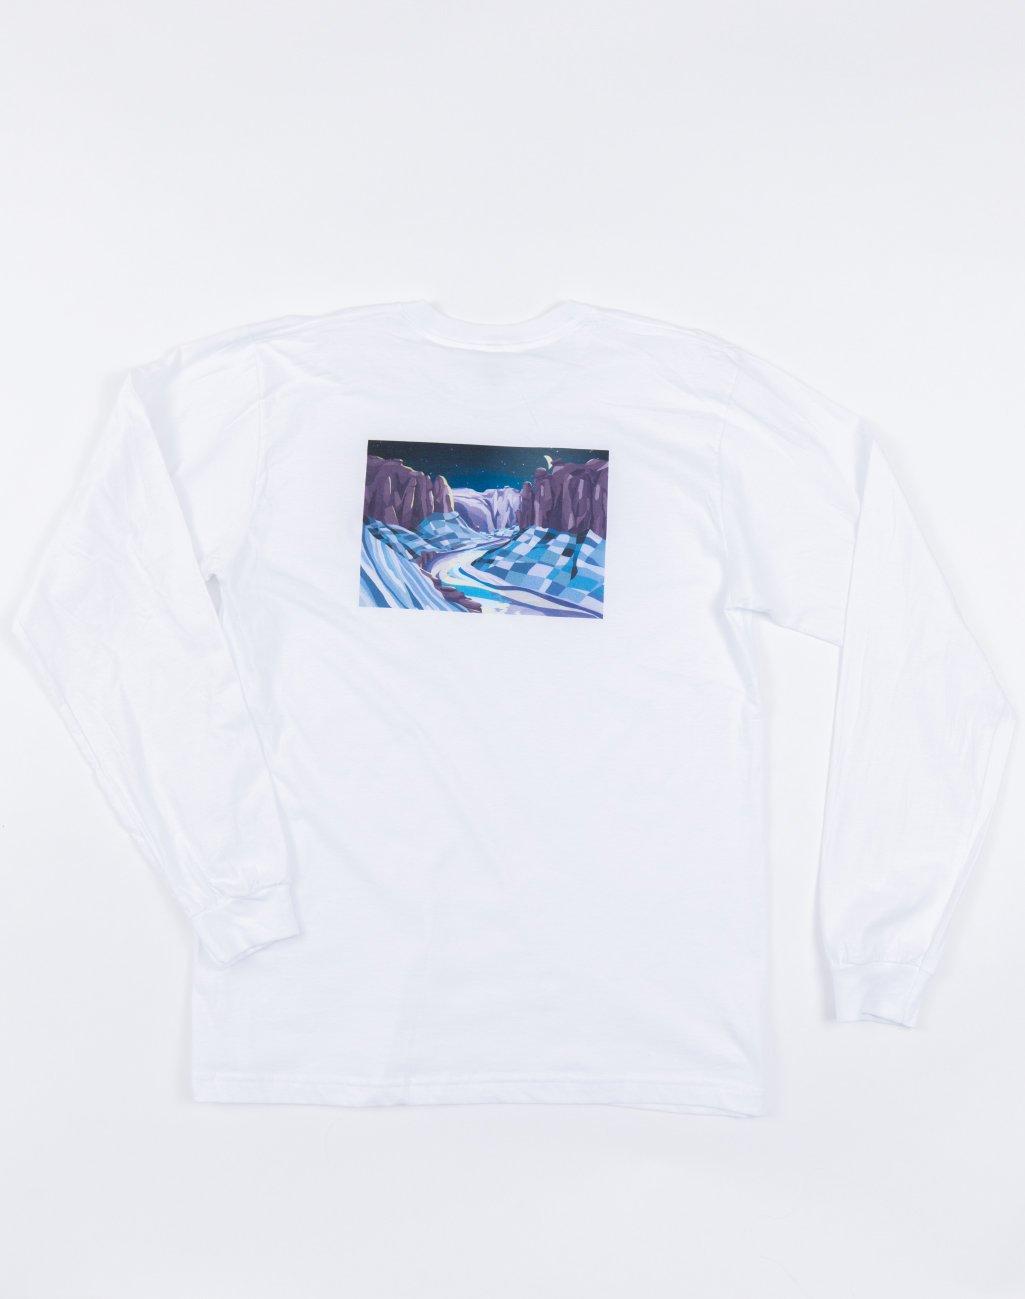 Bloom Shirt White Back.jpg